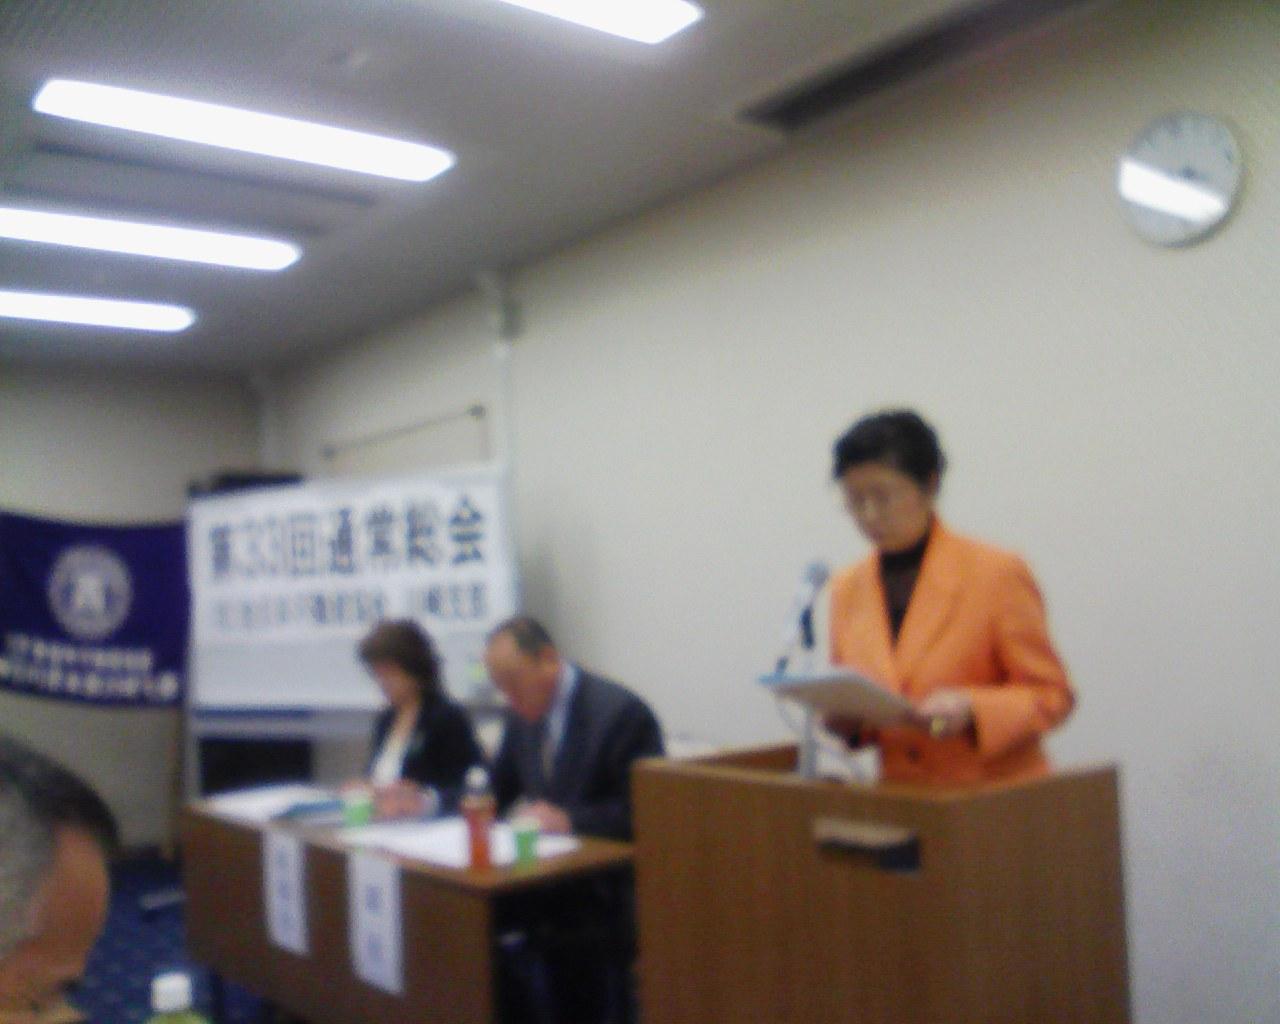 全日本不動産協会川崎支部総会が開かれました_d0057733_11511091.jpg